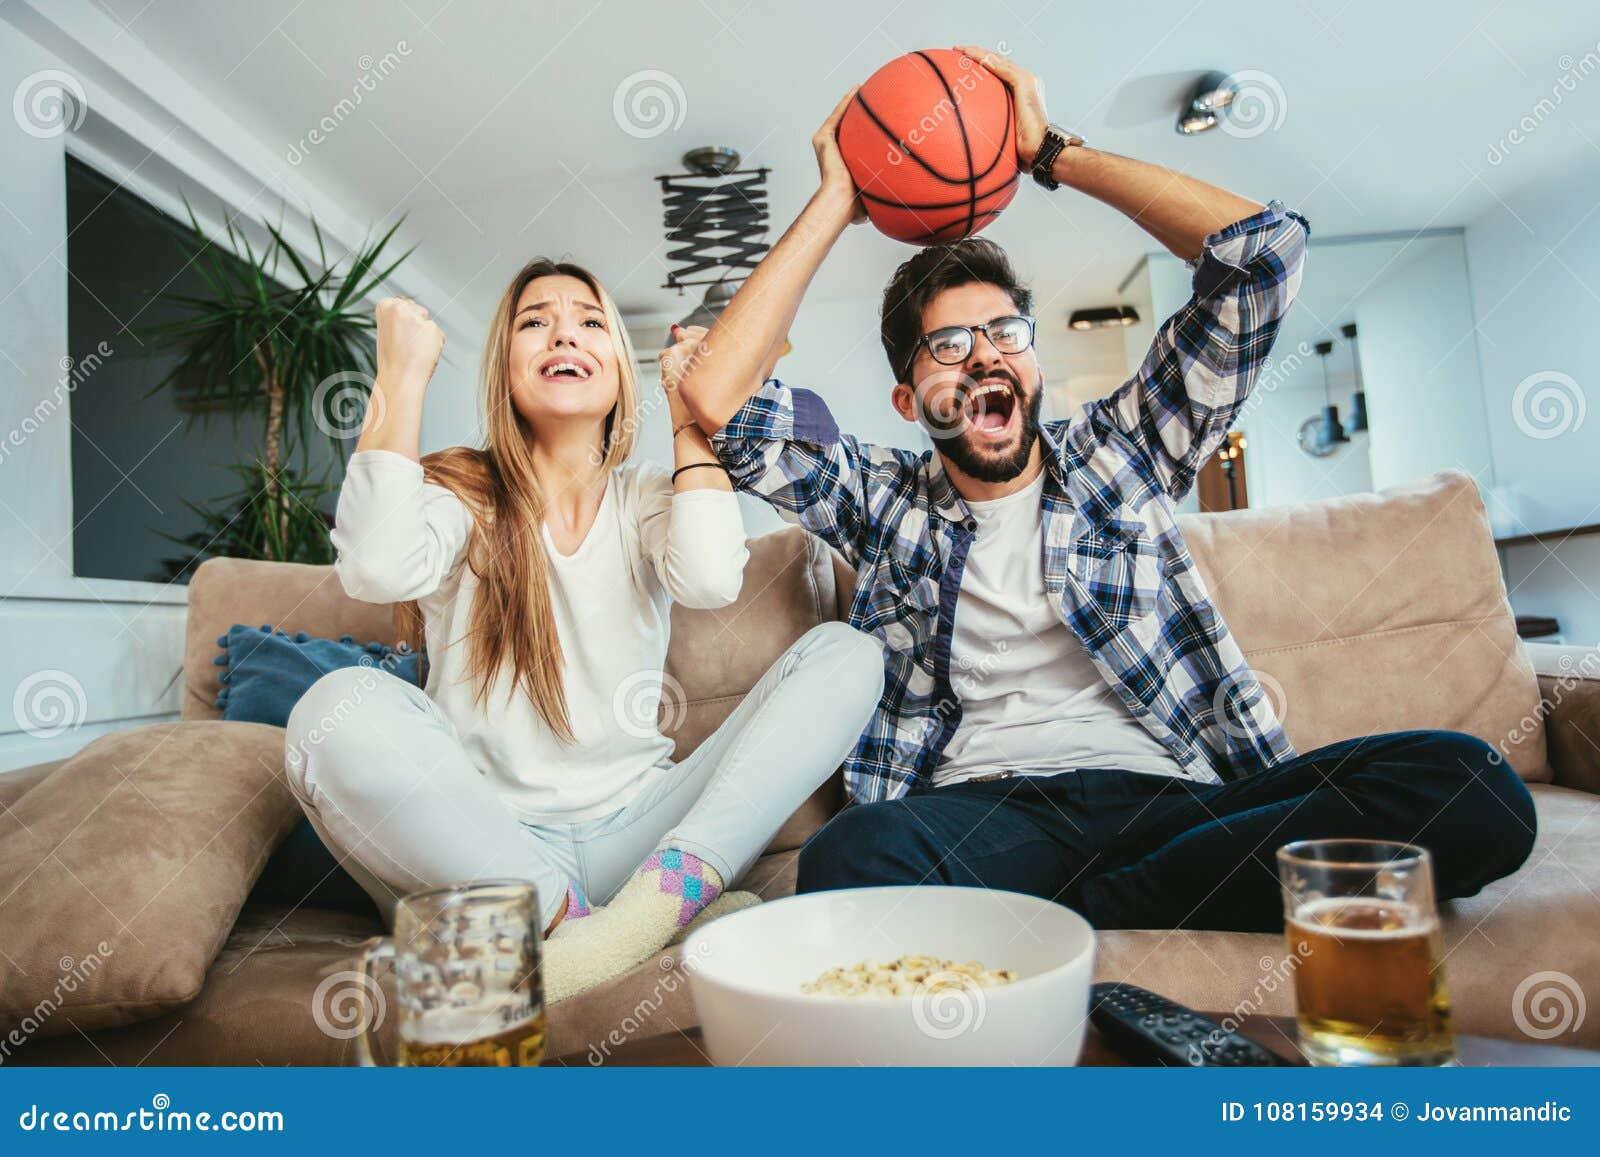 Пара наблюдает баскетбольный матч